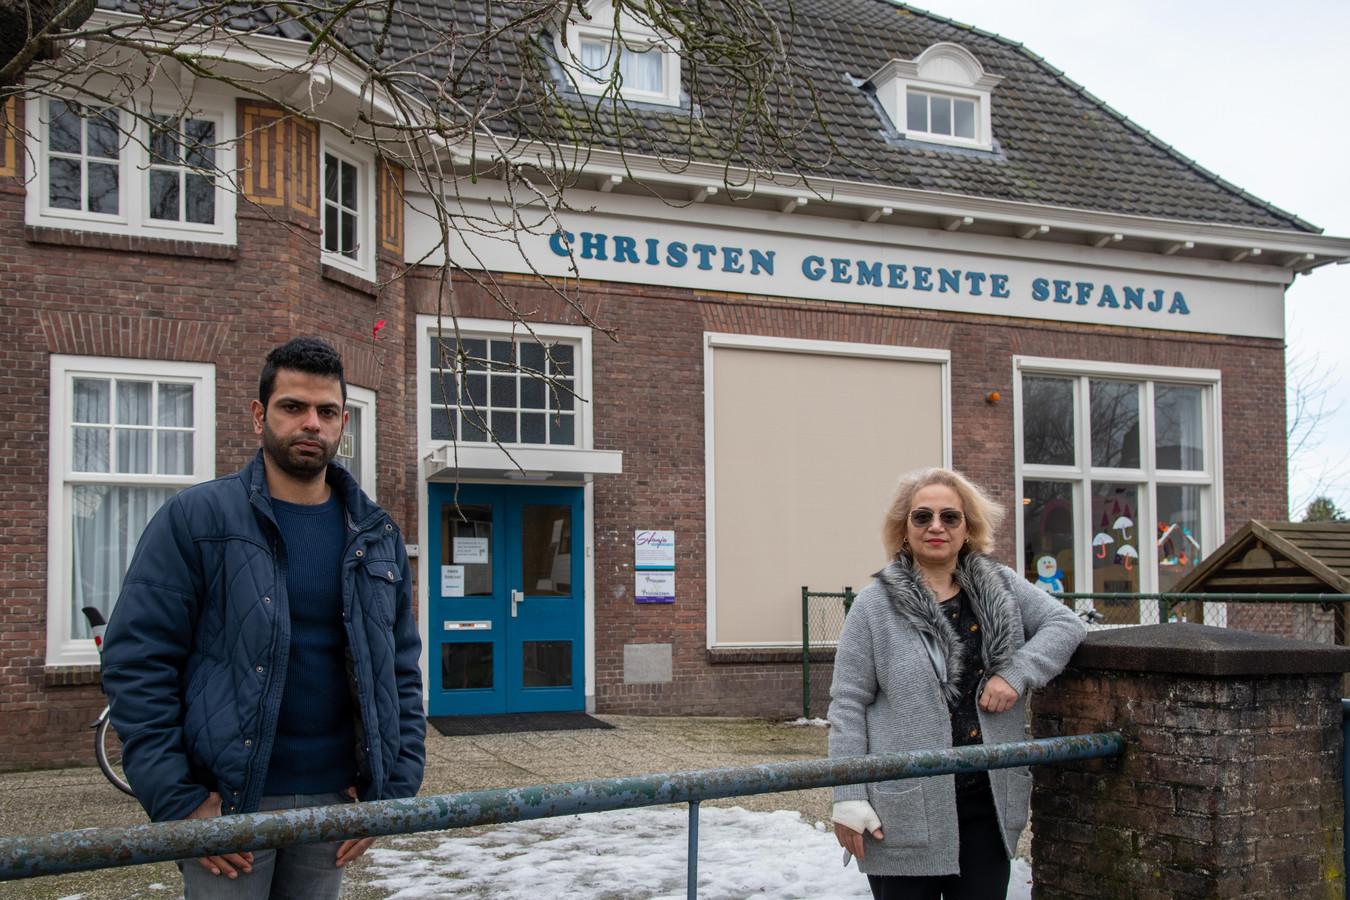 Amir en Jami bij het gebouw van Christen Gemeente Sefanja aan de Stationslaan, waar ze elkaar jaren geleden al troffen.